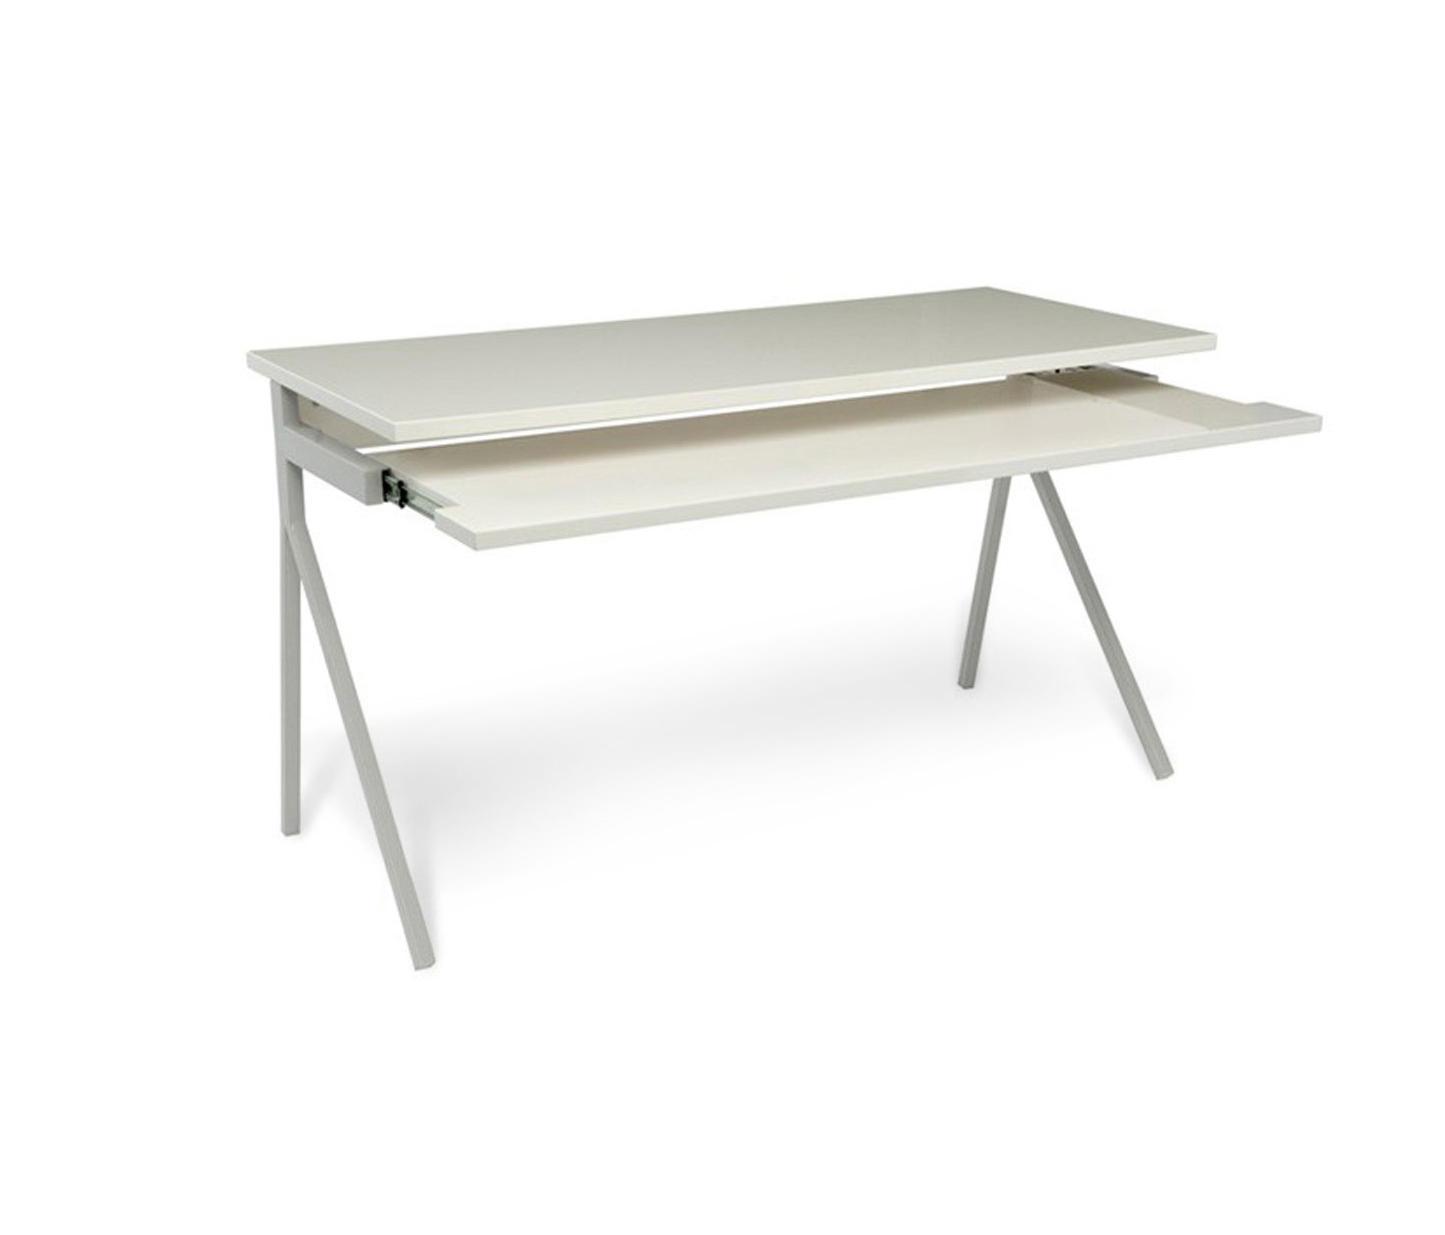 DESK 51  Desks from Blu Dot  Architonic